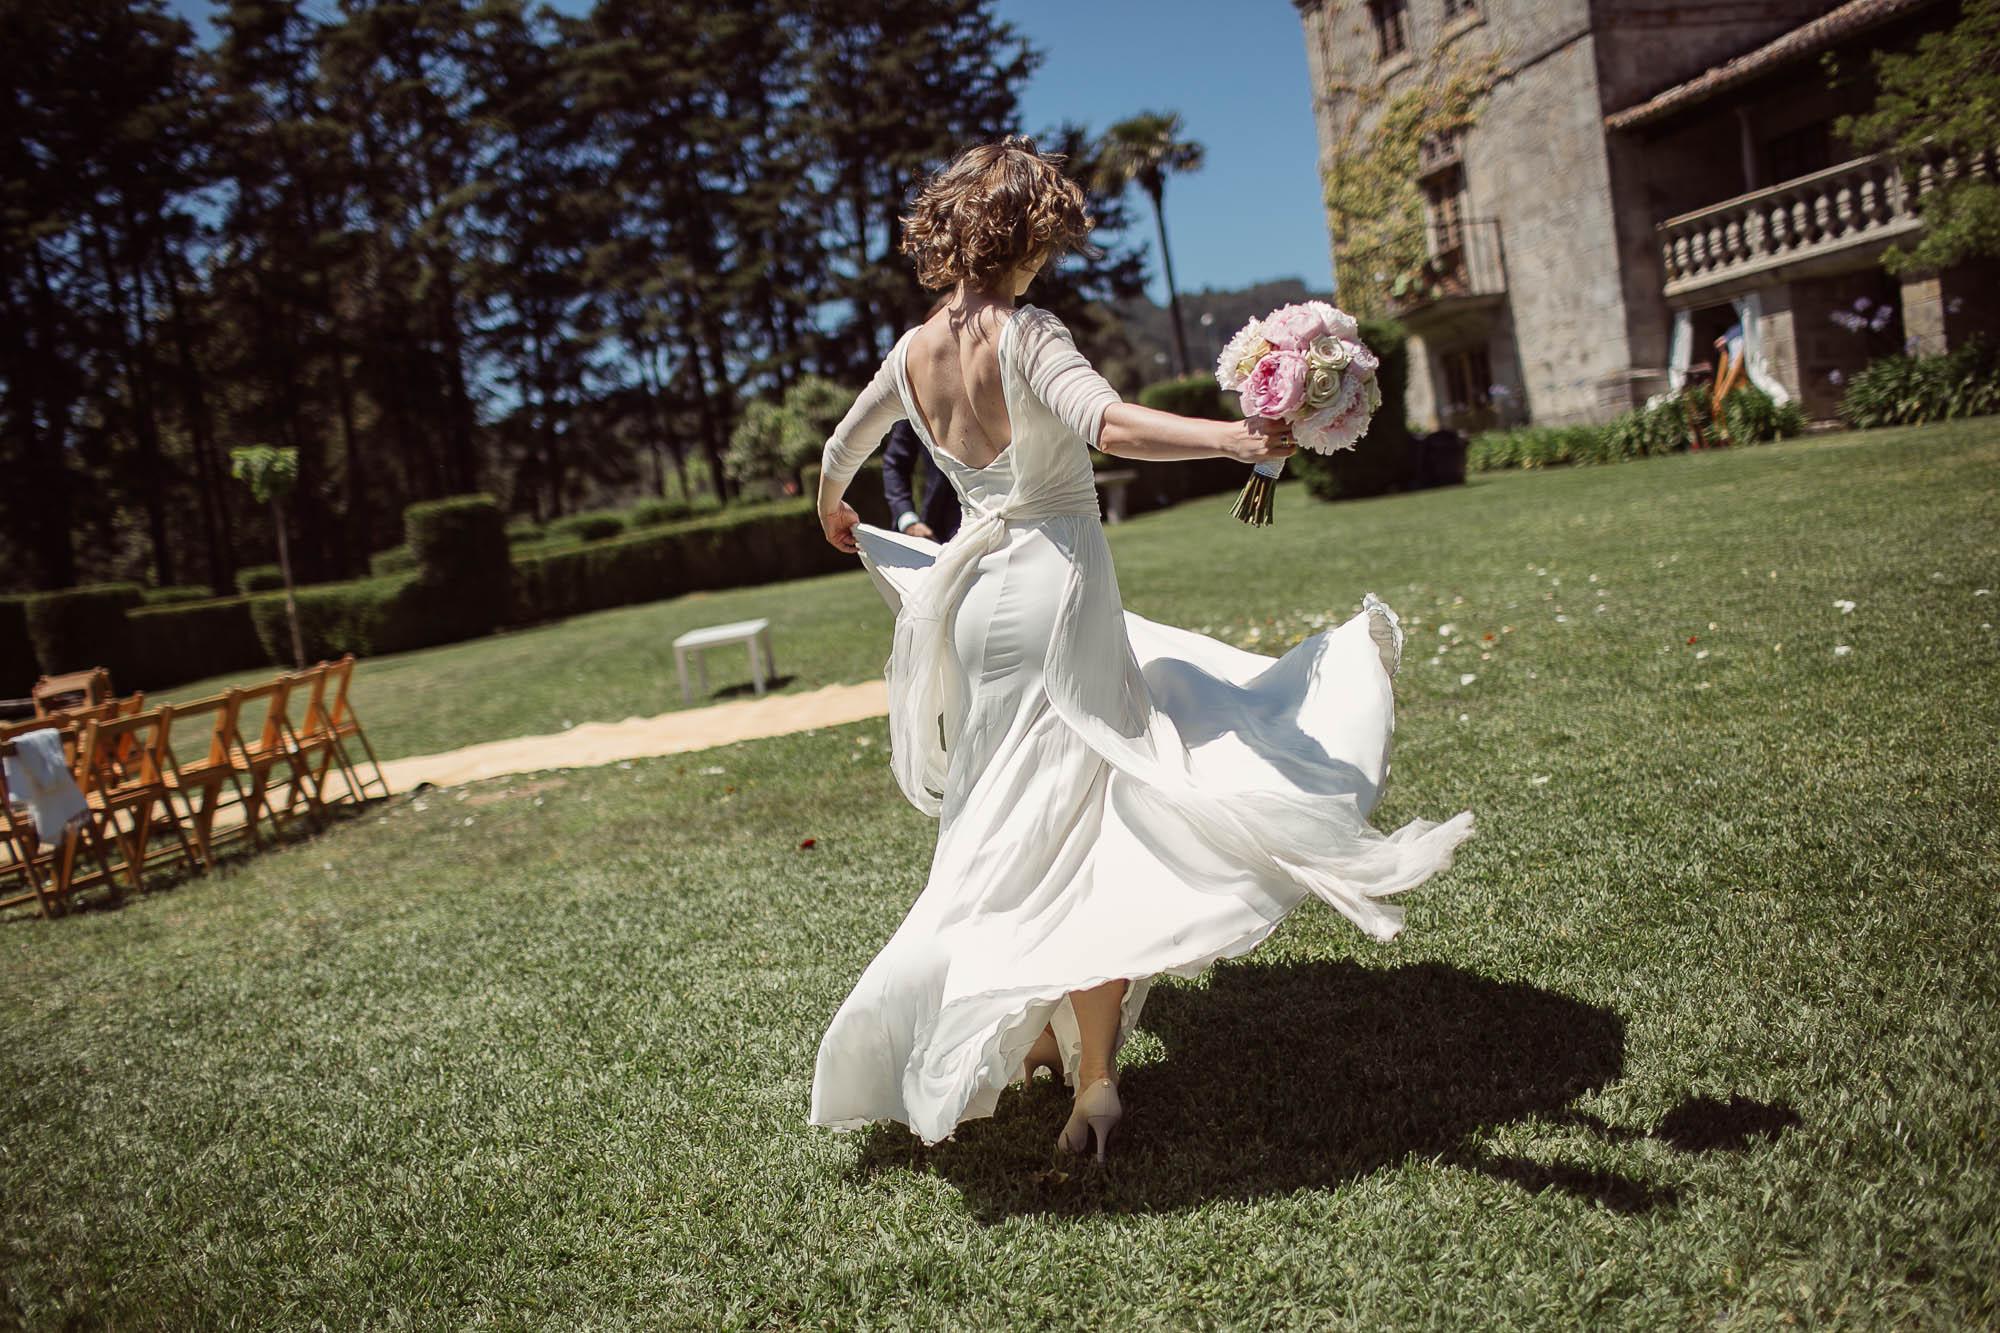 La novia corriendo sujetando el ramo por el jardín de la finca